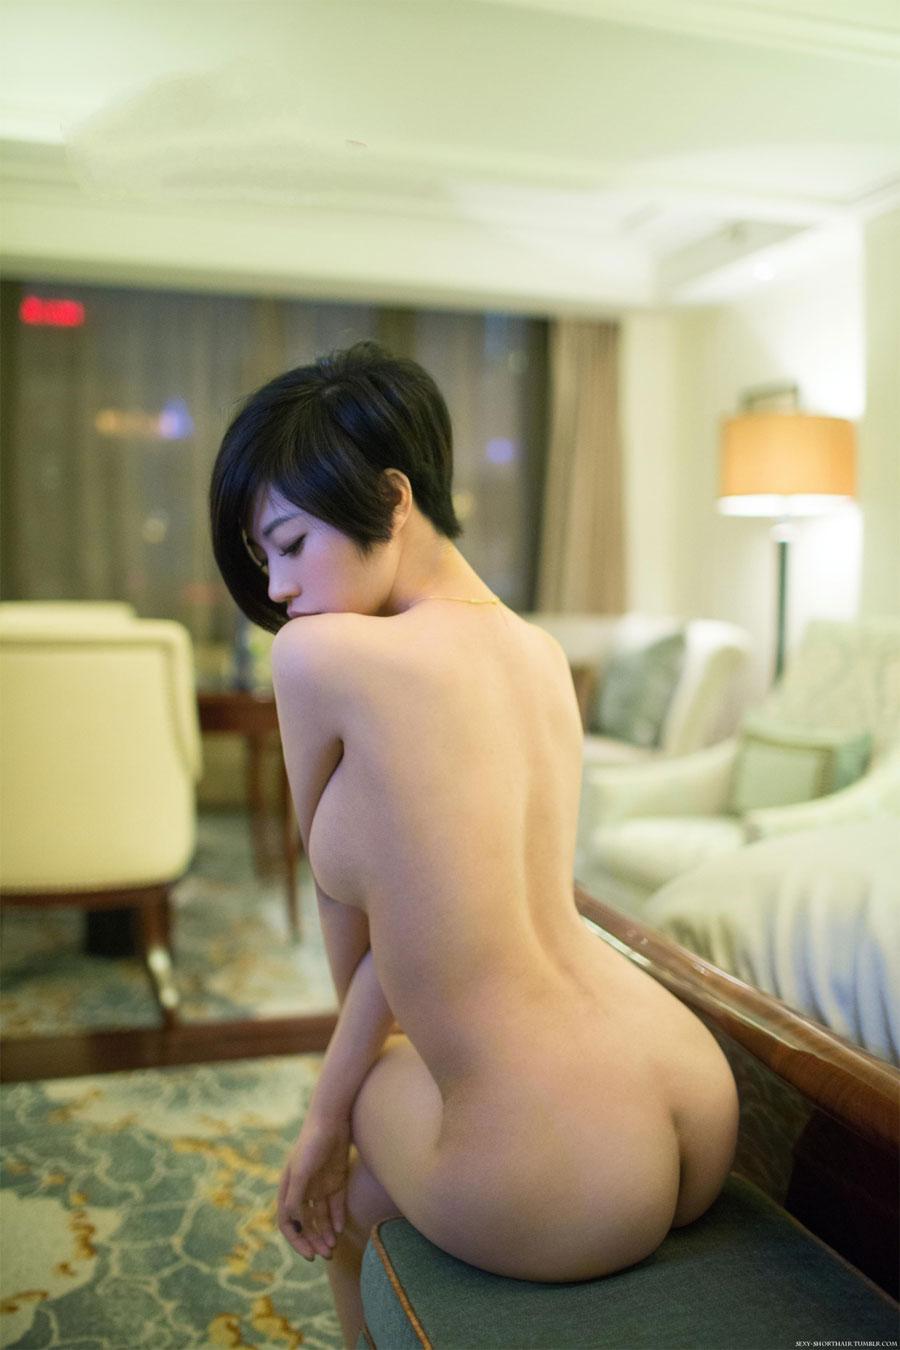 【短髪エロ画像】既に裸故にボーイッシュには全然見えないショートヘア女子www 01